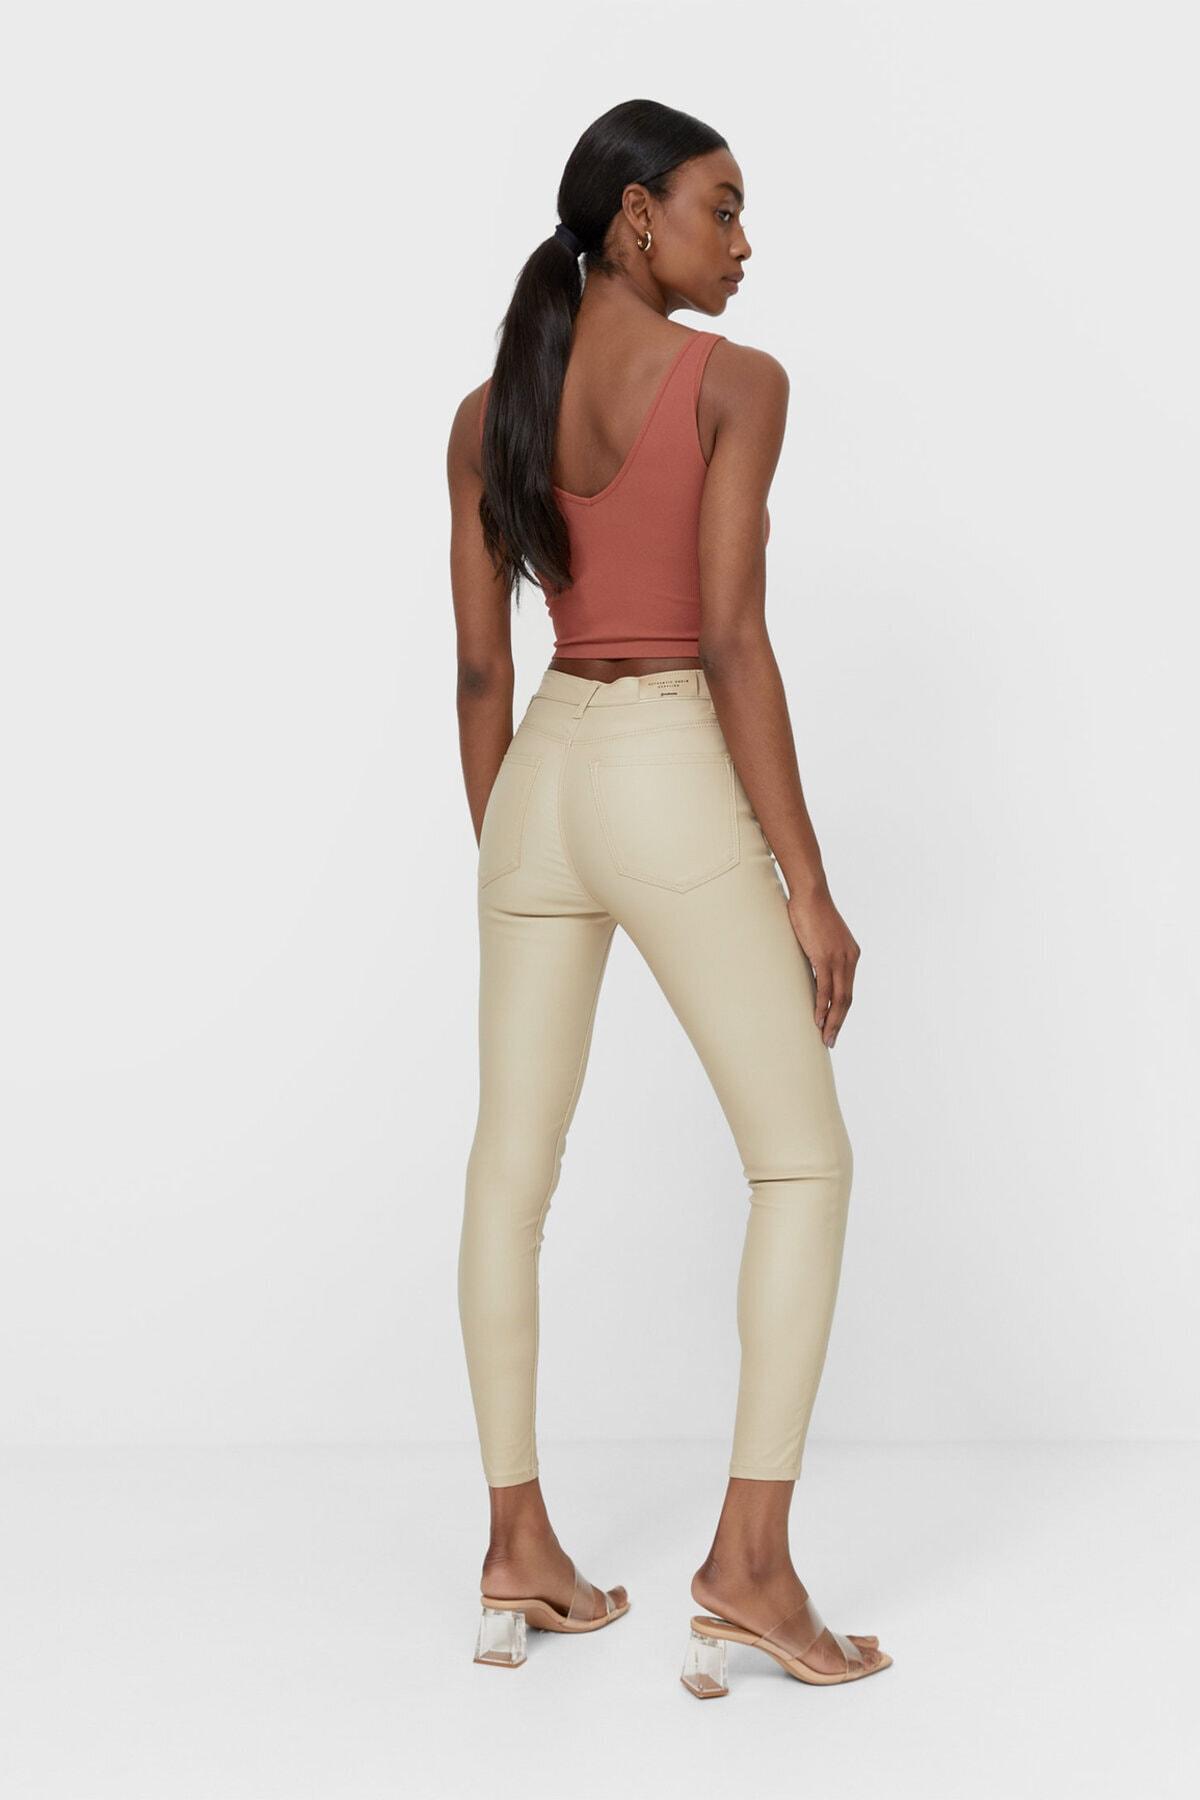 Stradivarius Kadın Krem Rengi Mumlu Görünümlü Yüksek Bel Pantolon 1